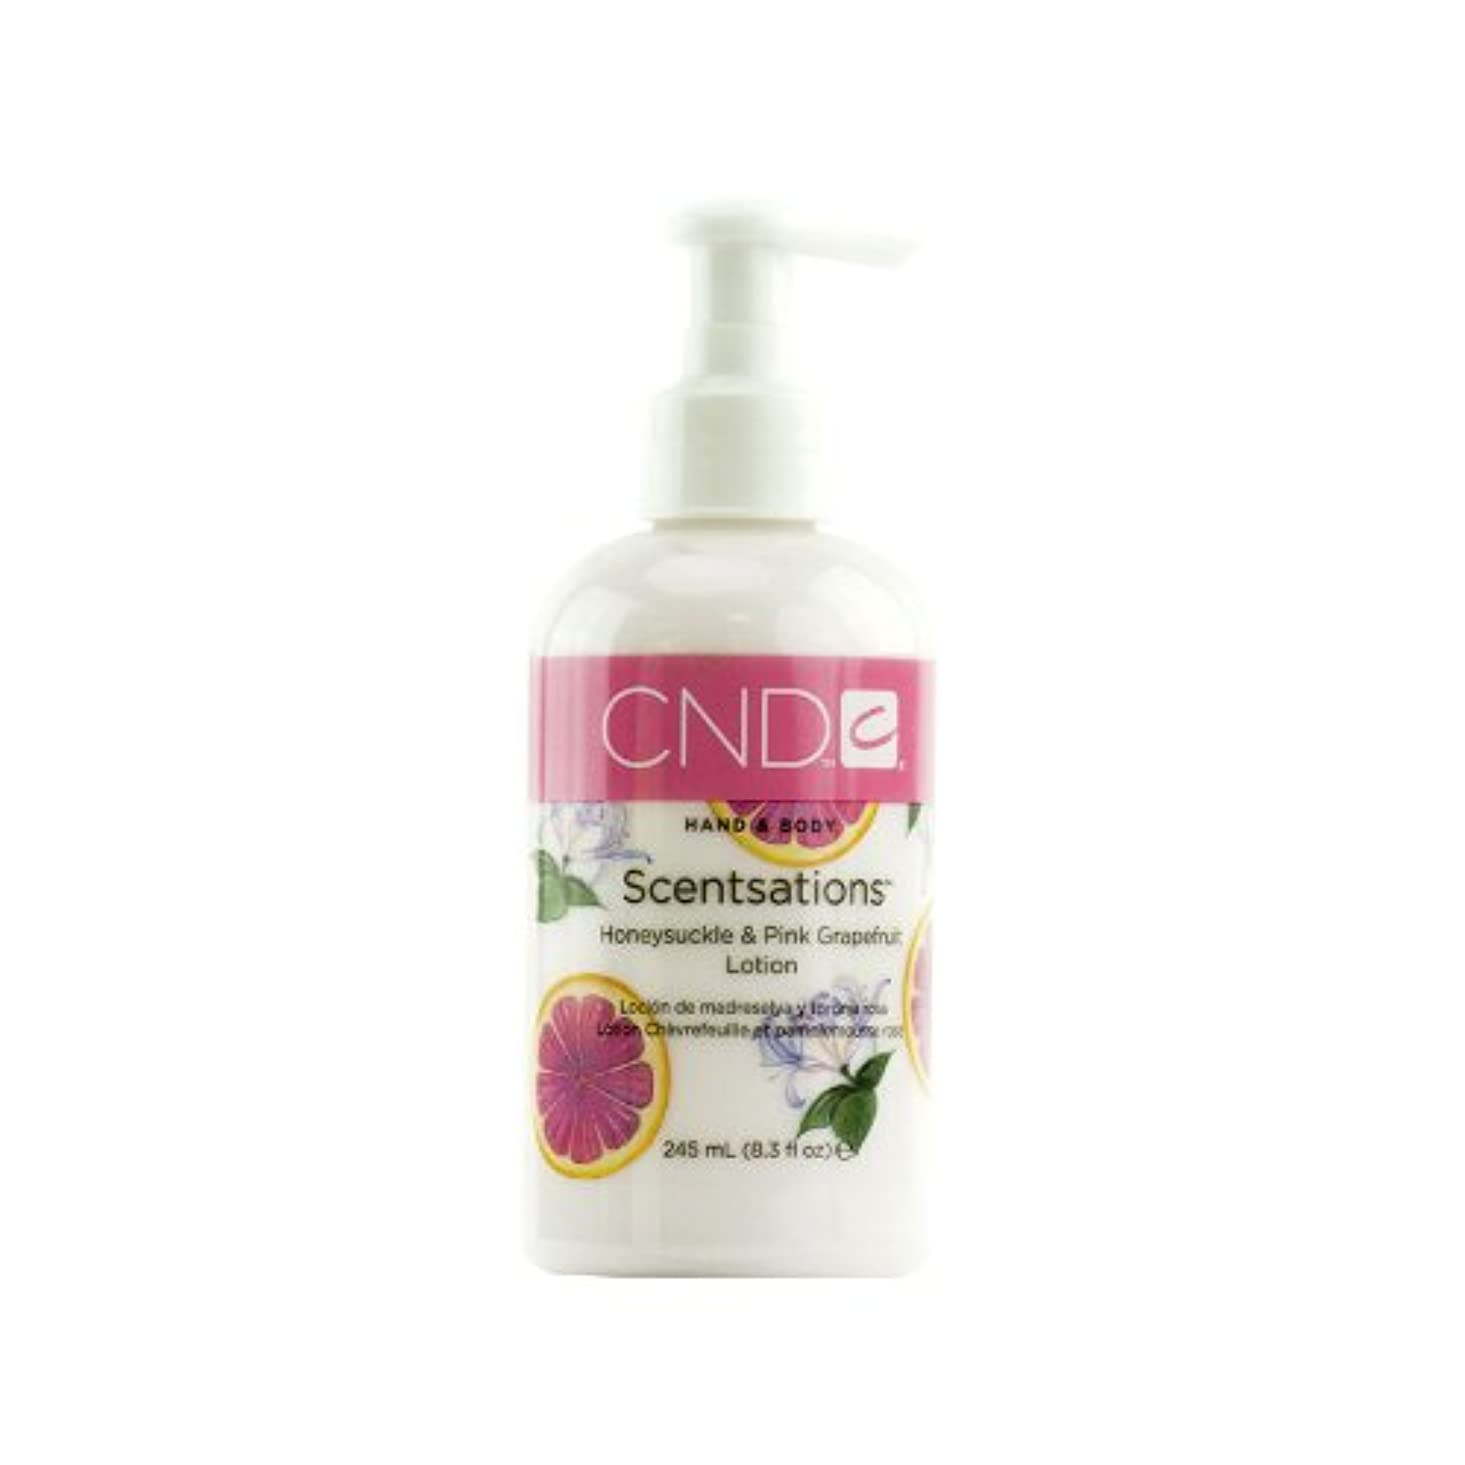 パンダ性的貼り直すCND センセーション ハンド&ボディローション ハニーサックル&ピンクグレープフルーツ 245ml みずみずしいフェミニンな香り